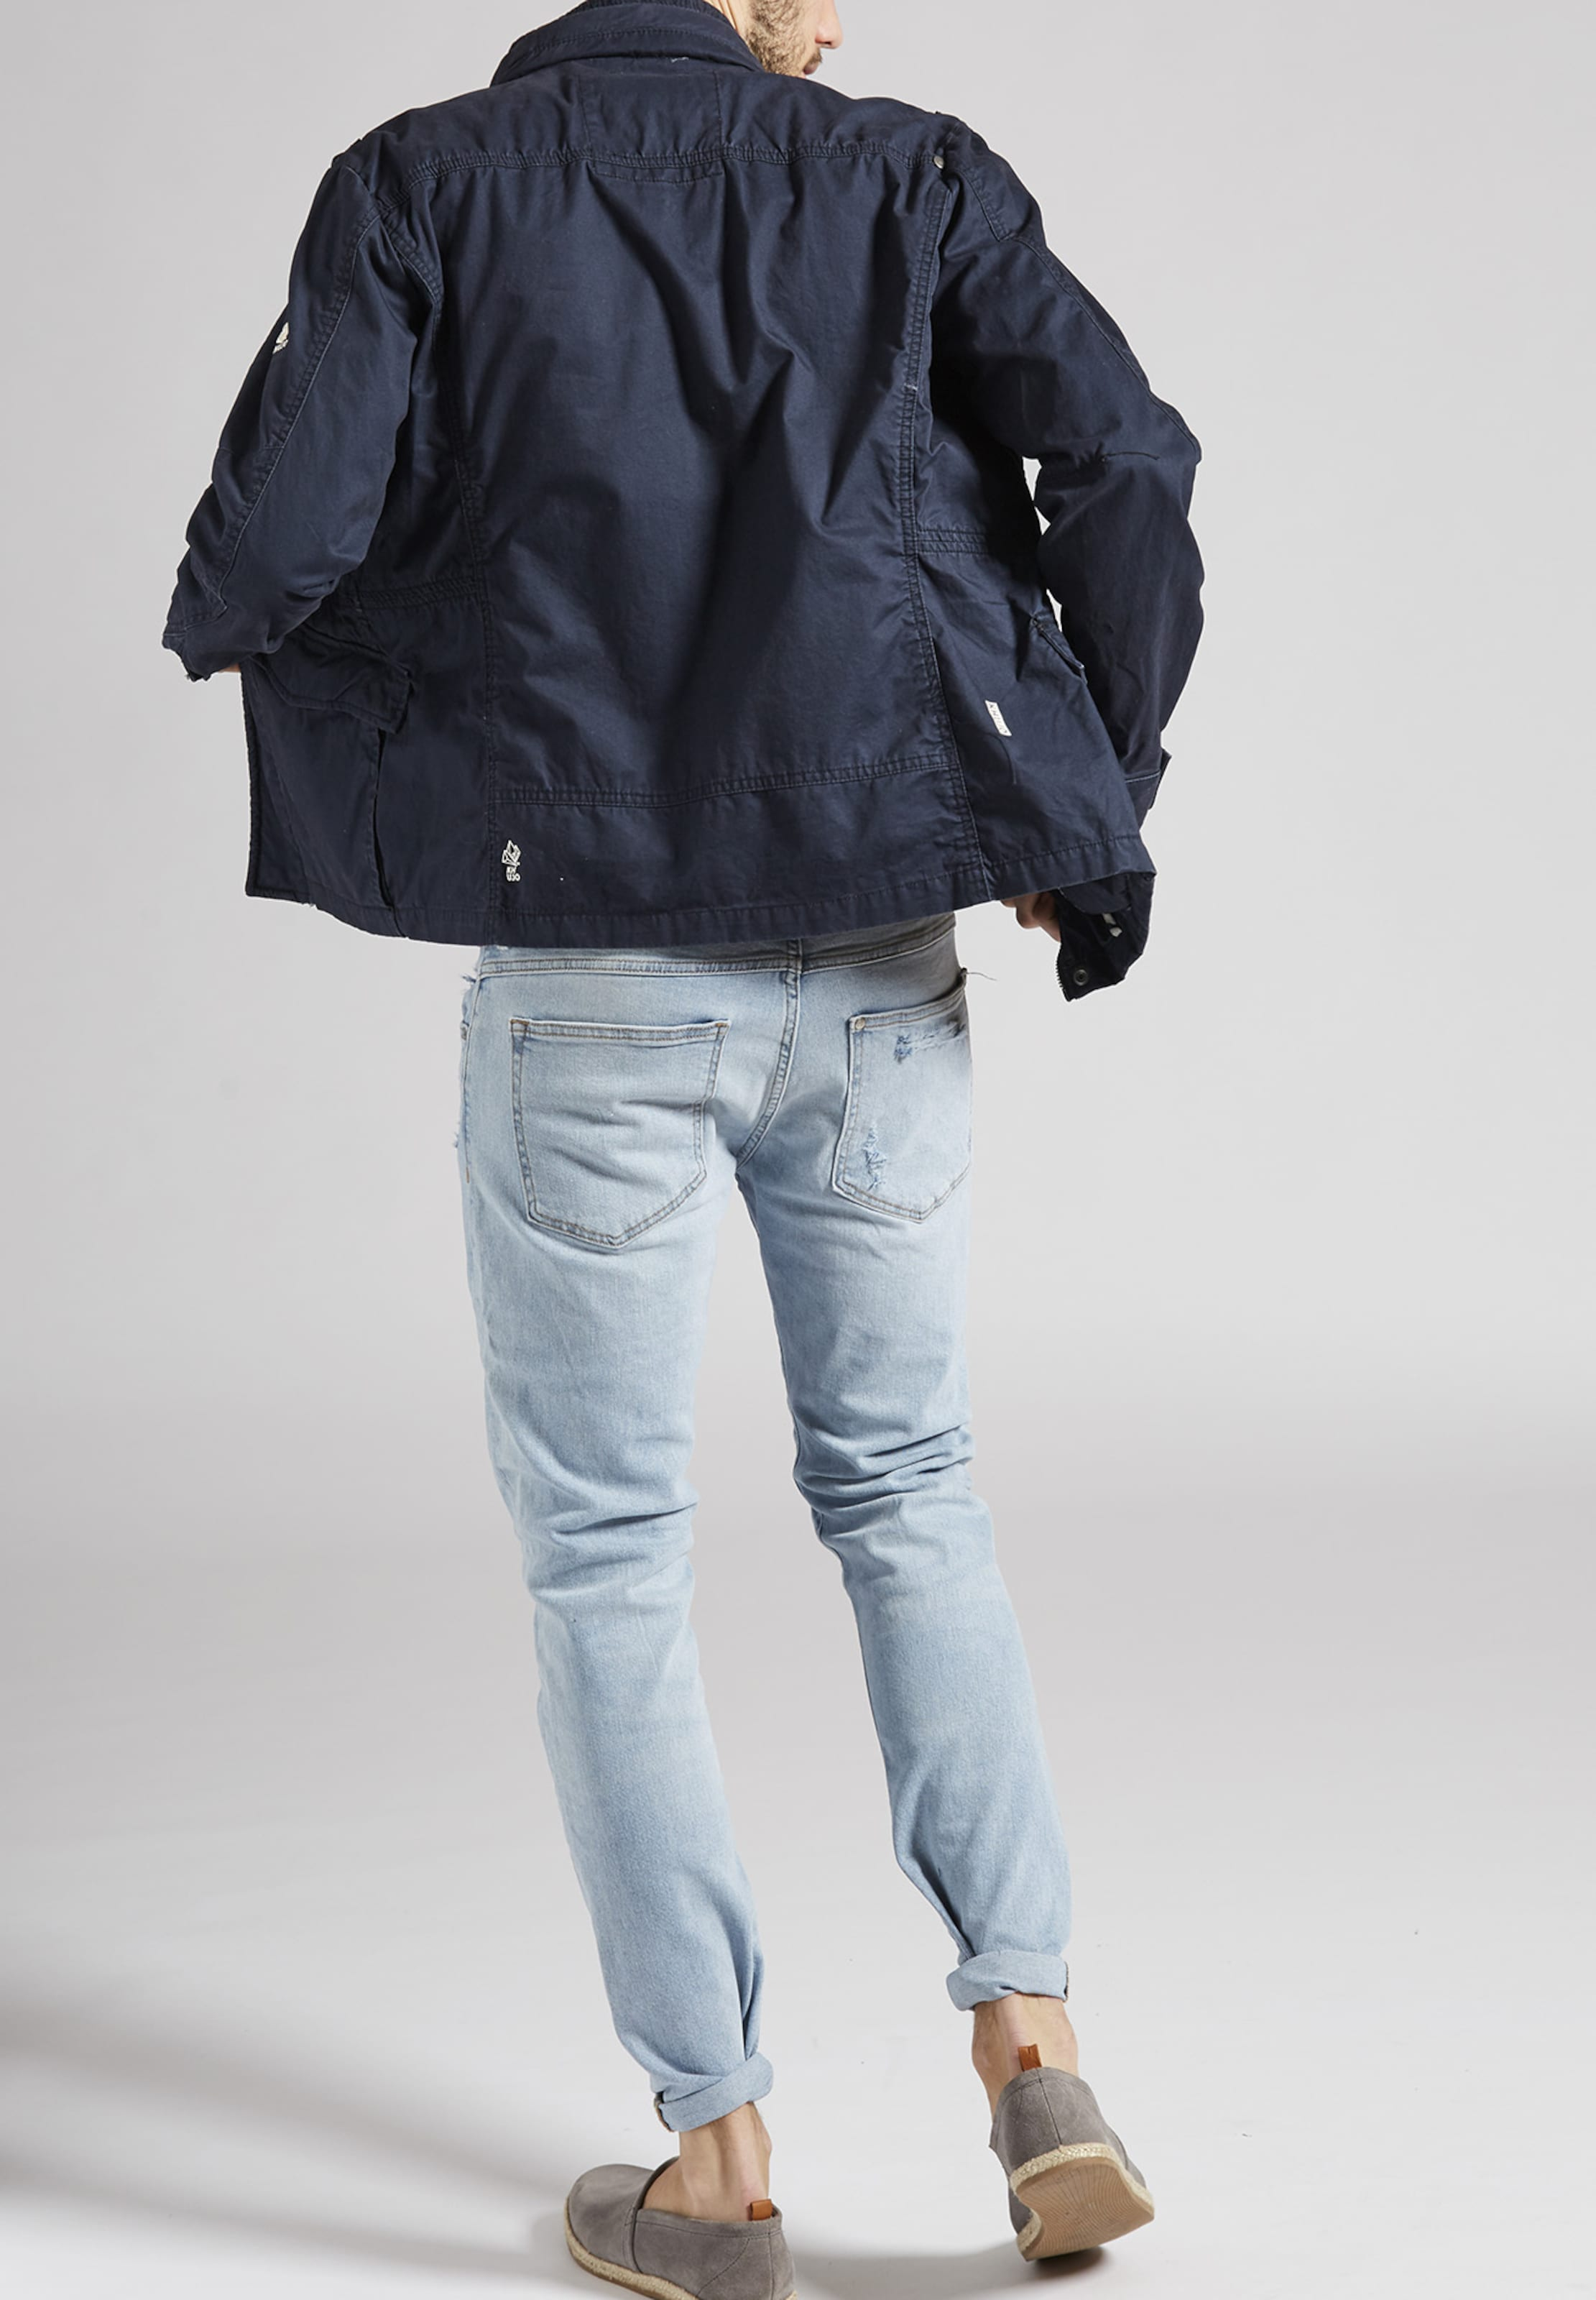 khujo Jacke 'SHINZO' Online Einkaufen bdlgw2e